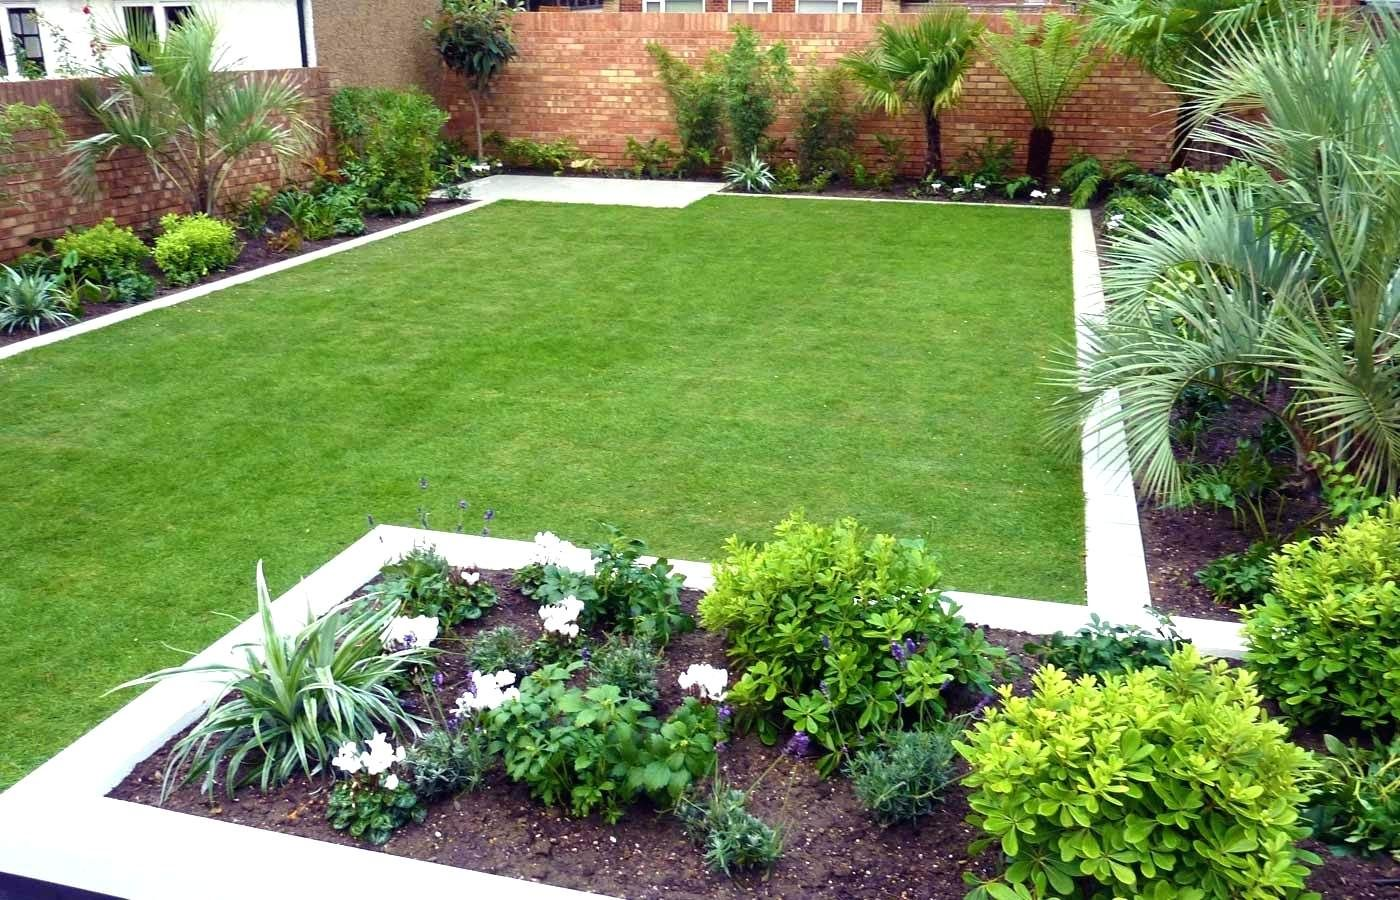 Ideas For A Garden Full Size Of Garden Small Garden Designs And Layouts Good Ideas For Smal Simple Garden Designs Garden Landscape Design Small Backyard Design